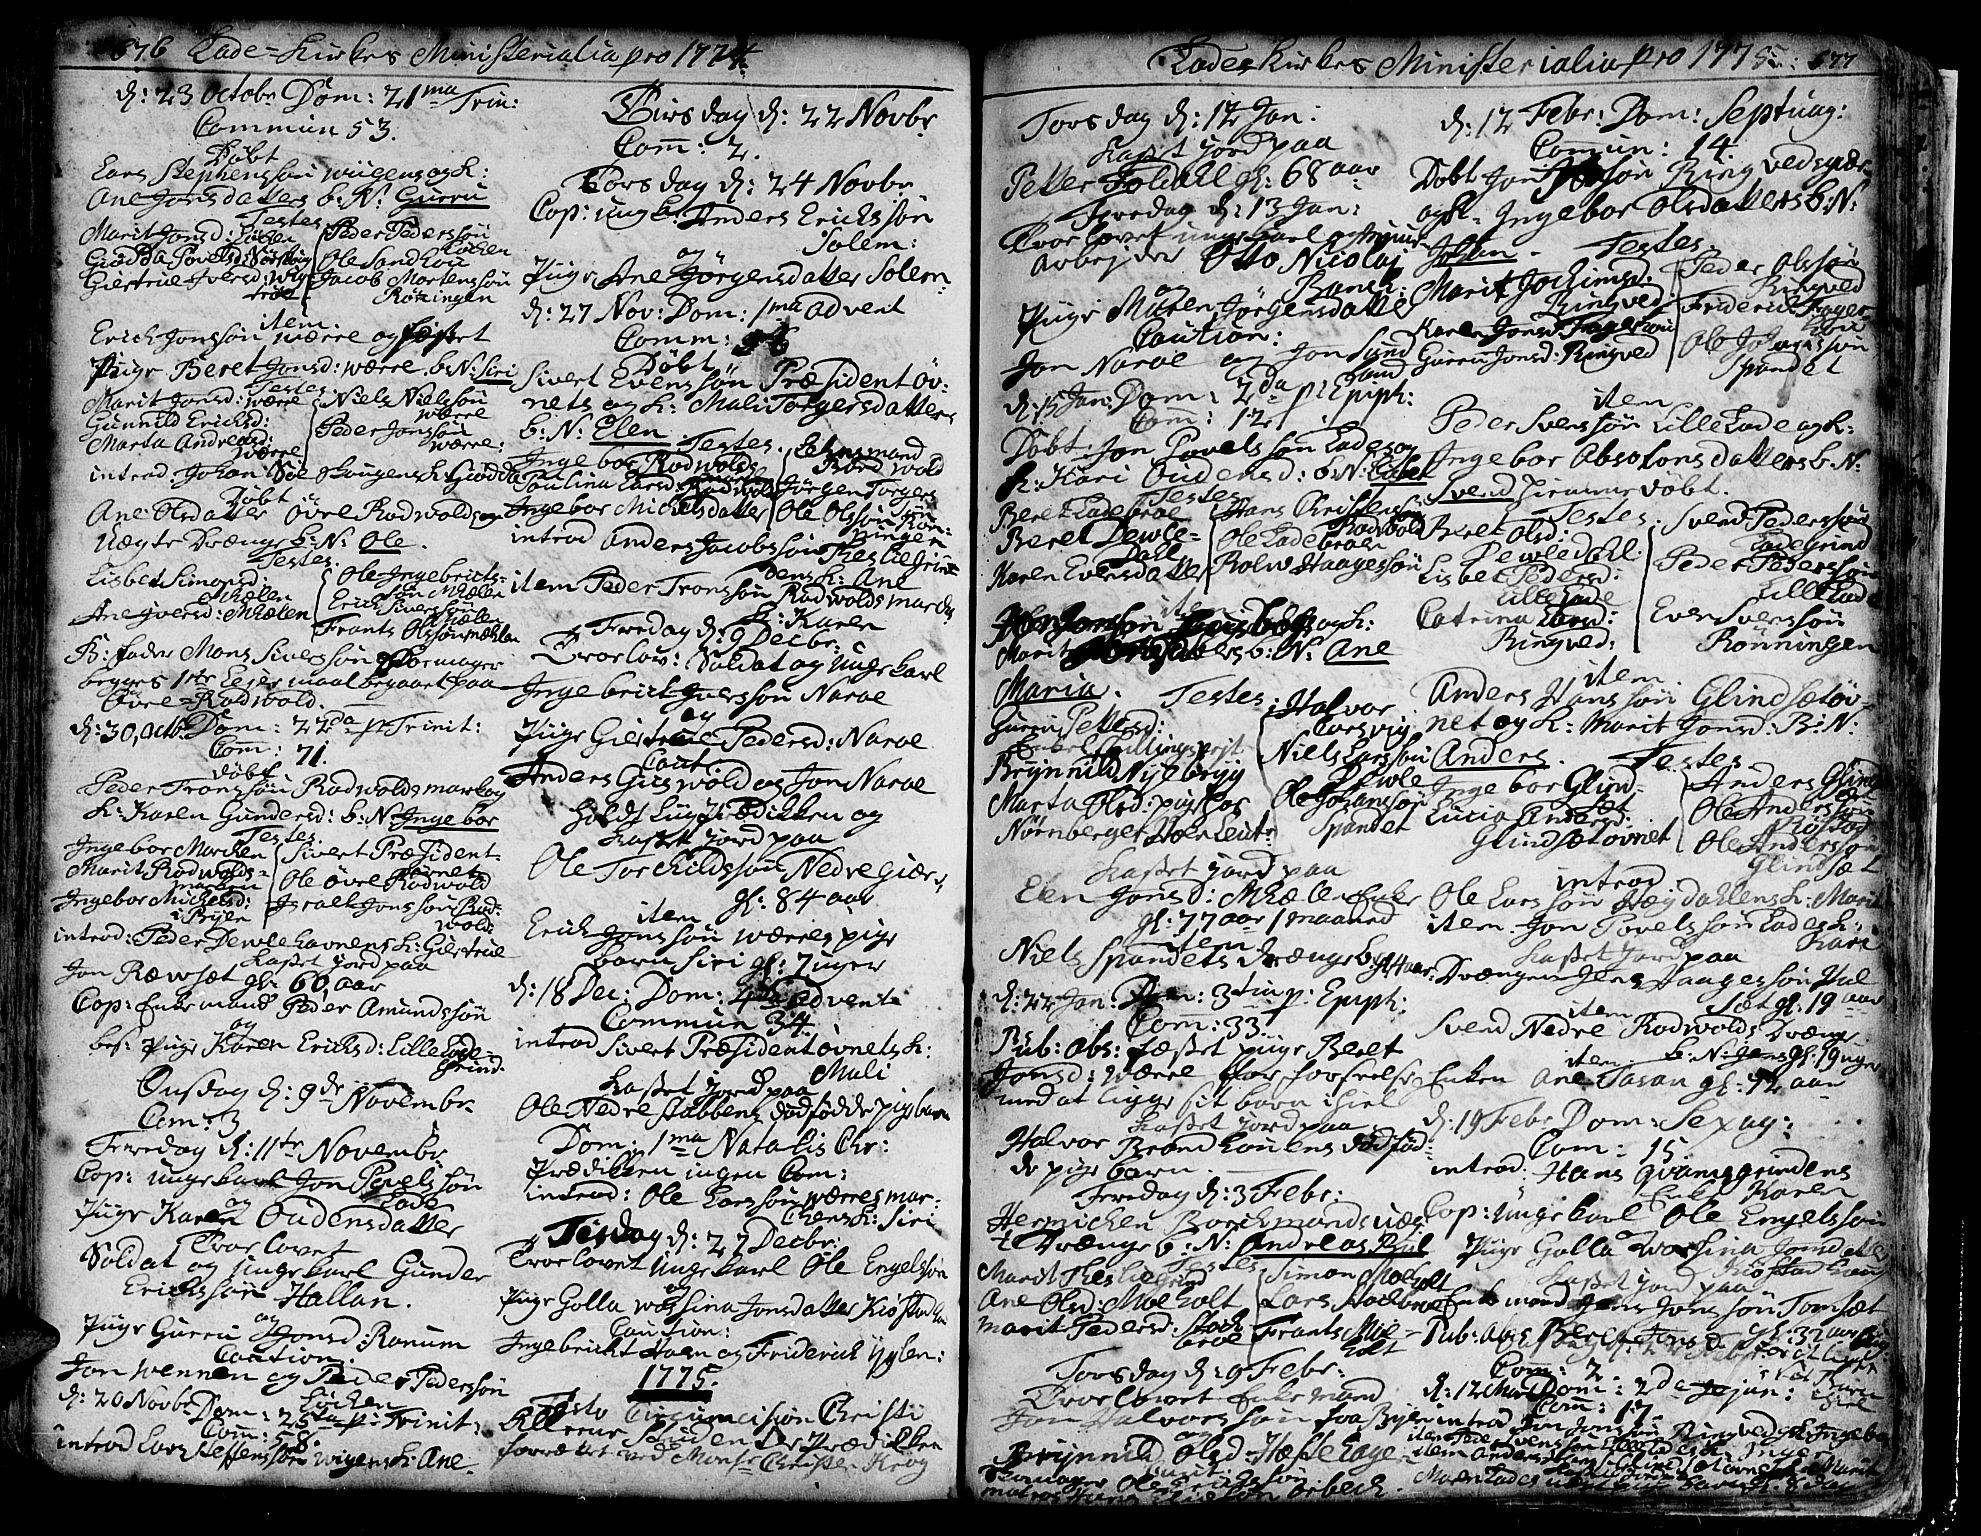 SAT, Ministerialprotokoller, klokkerbøker og fødselsregistre - Sør-Trøndelag, 606/L0275: Ministerialbok nr. 606A01 /1, 1727-1780, s. 676-677